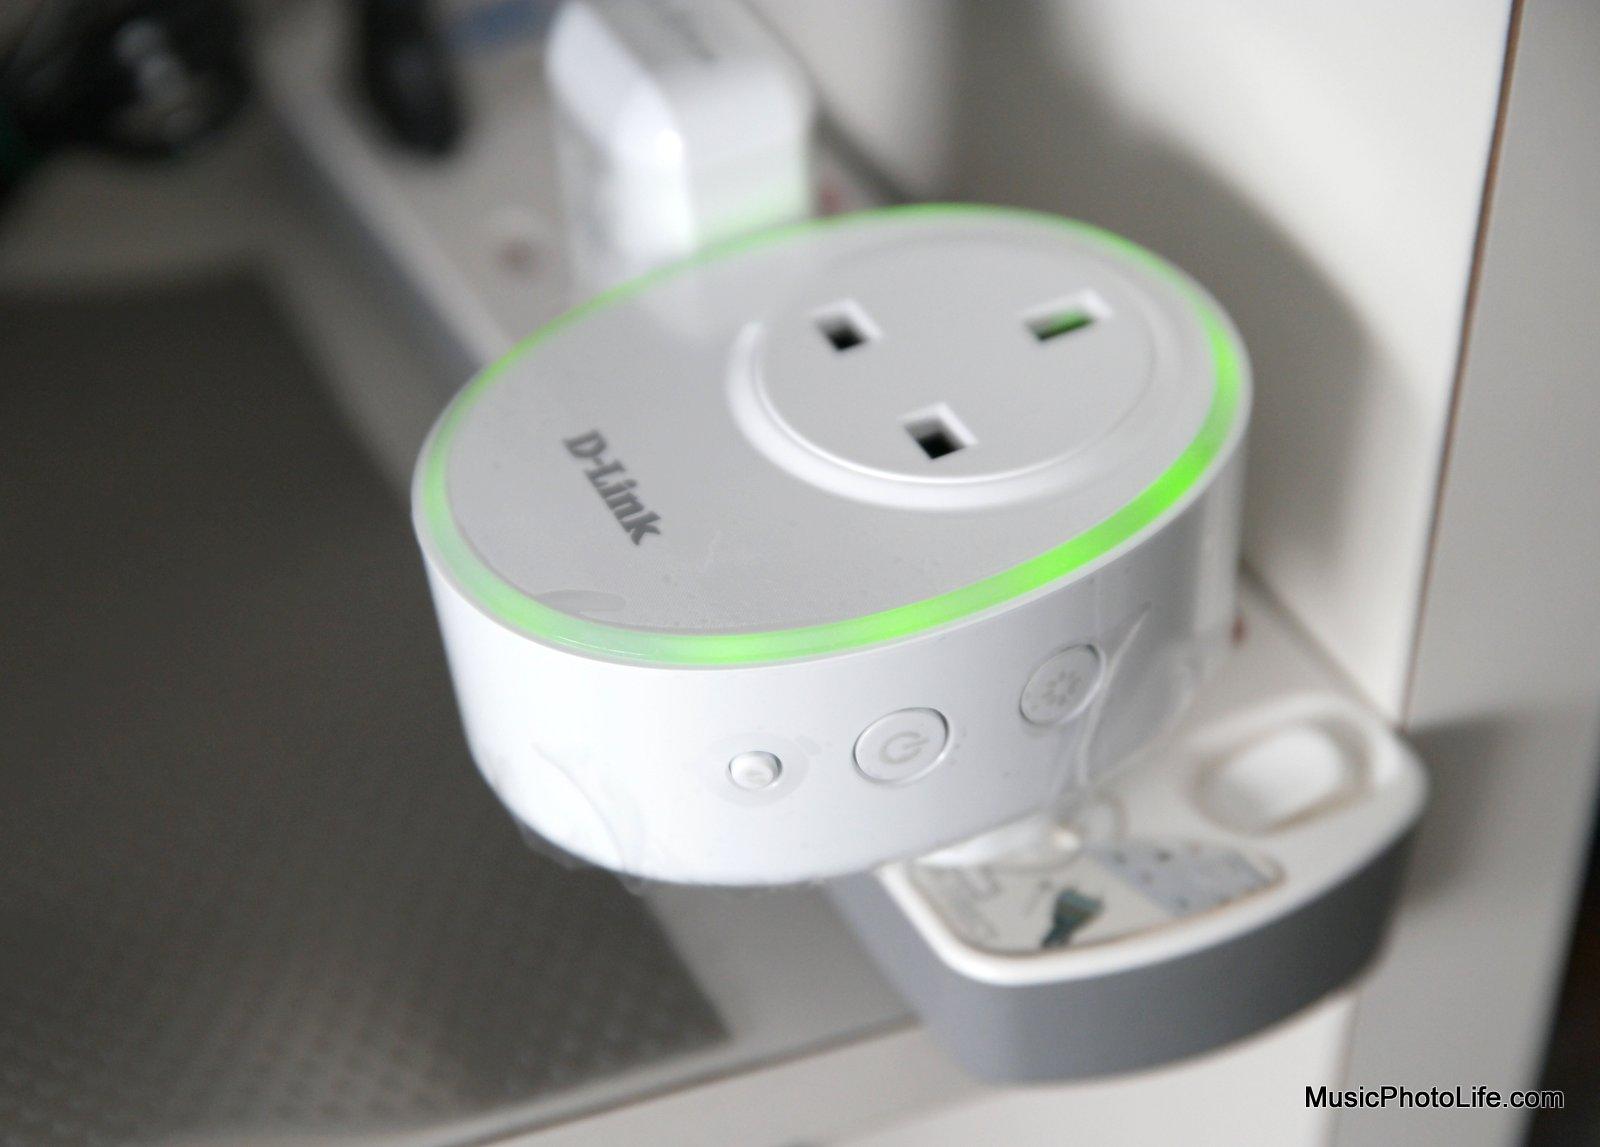 D-Link DSP-W115 Wi-Fi Smart Plug review by musicphotolife.com, Singapore consumer tech blogger